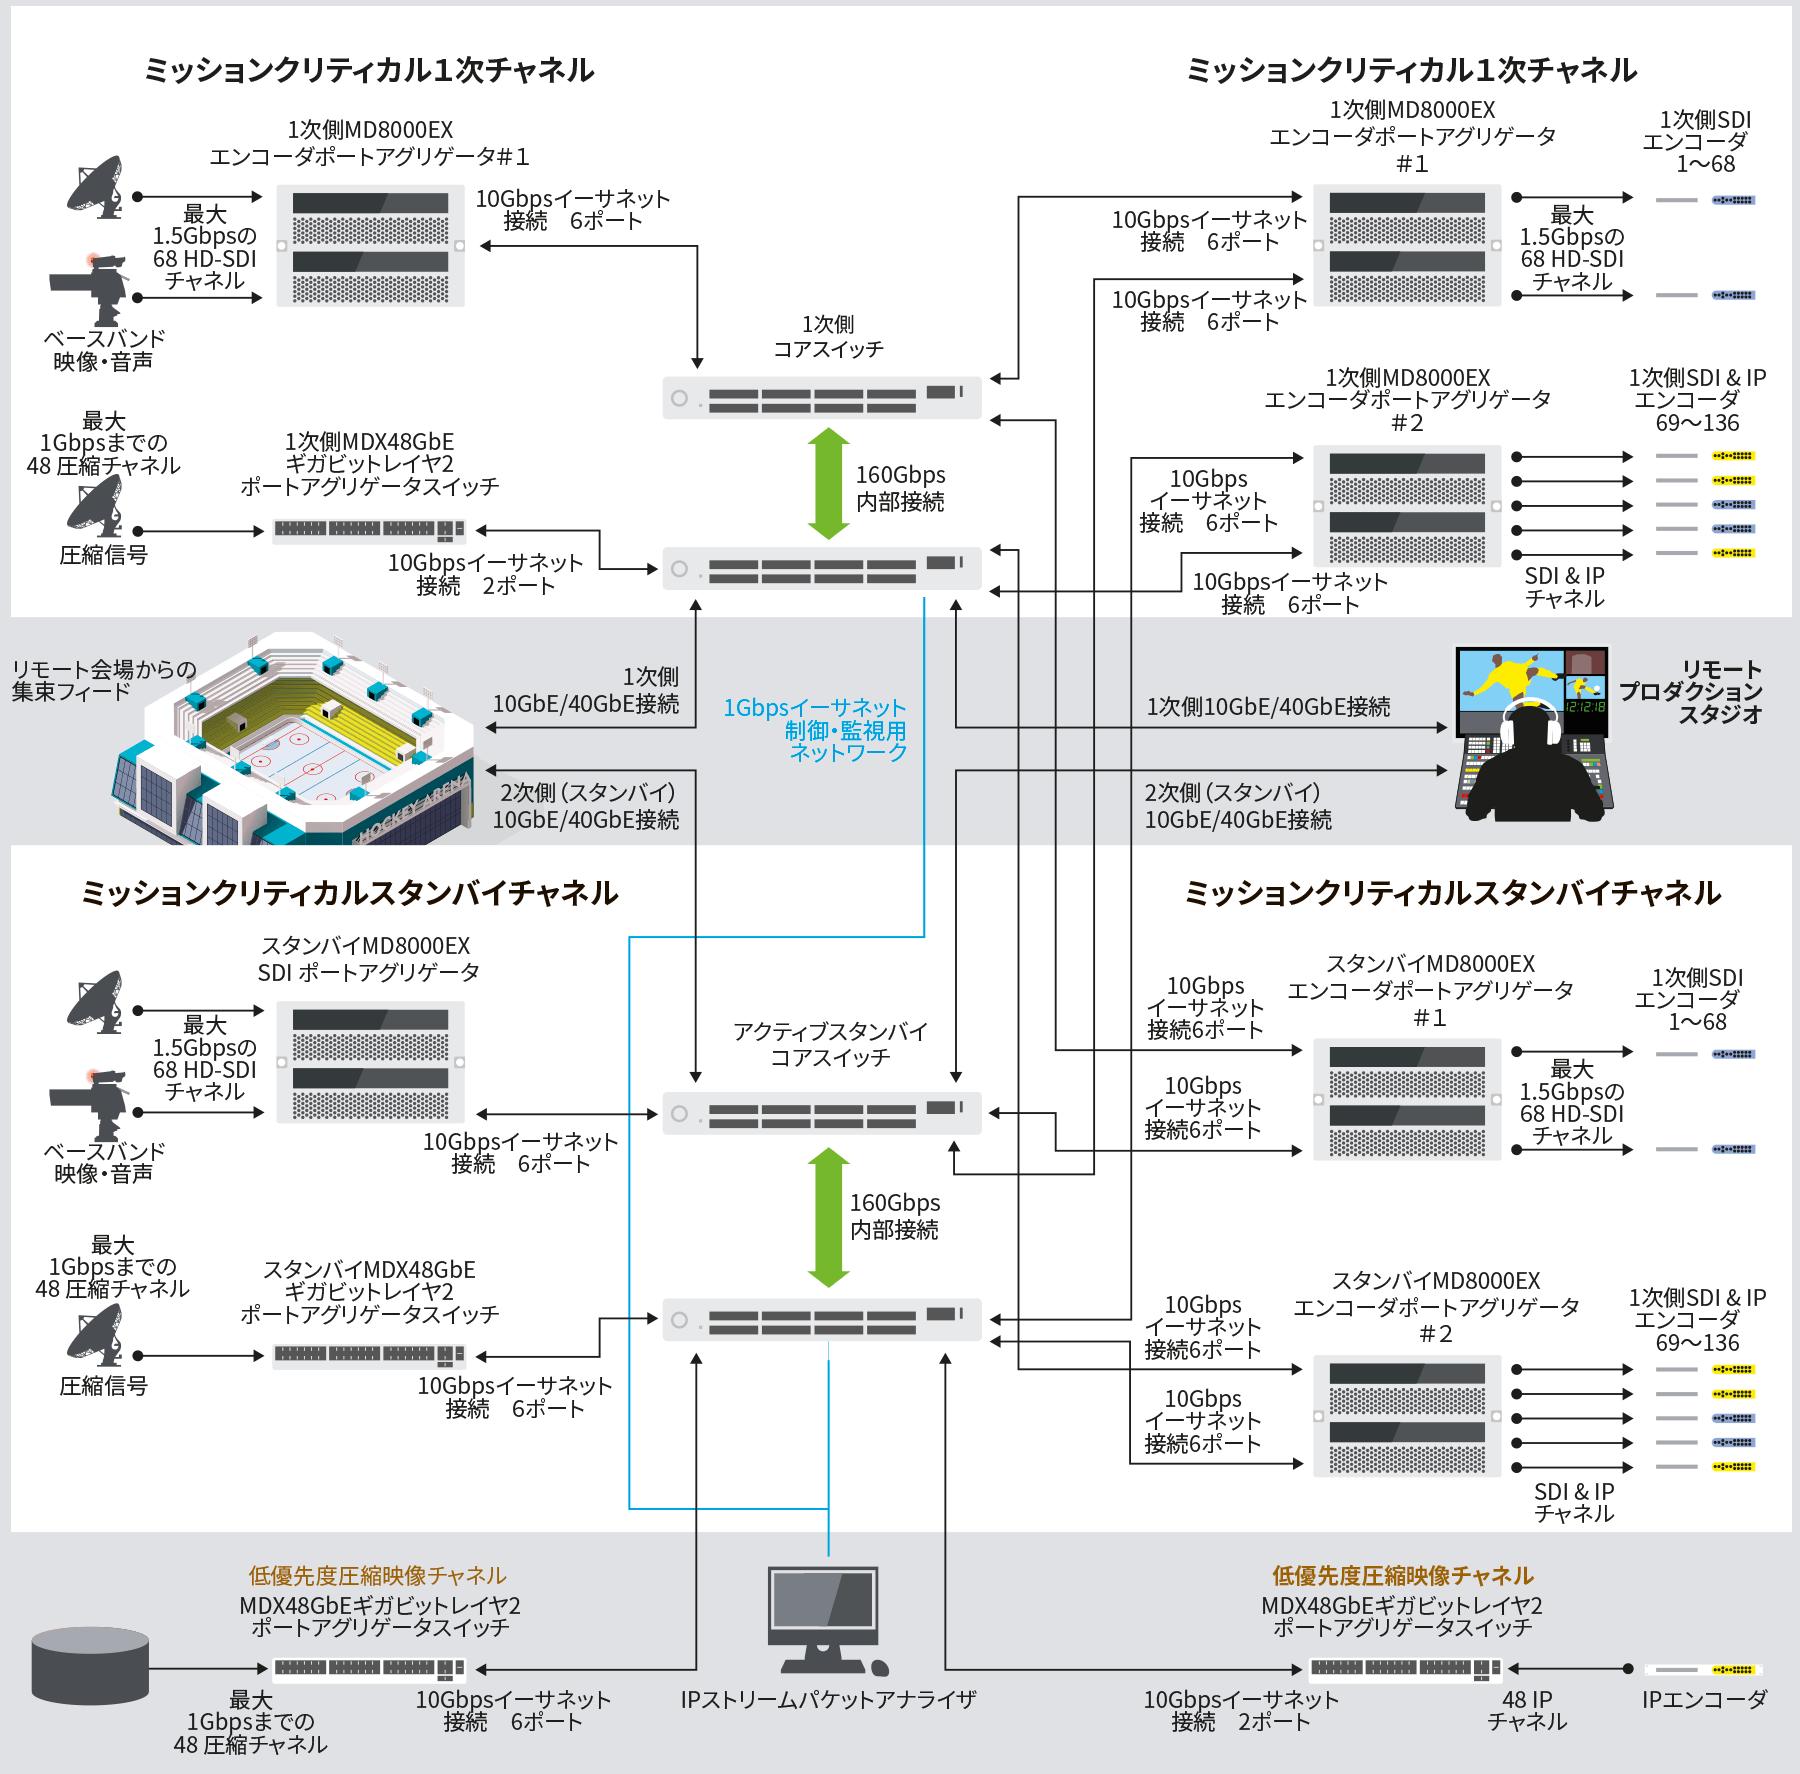 集中化IPスイッチング